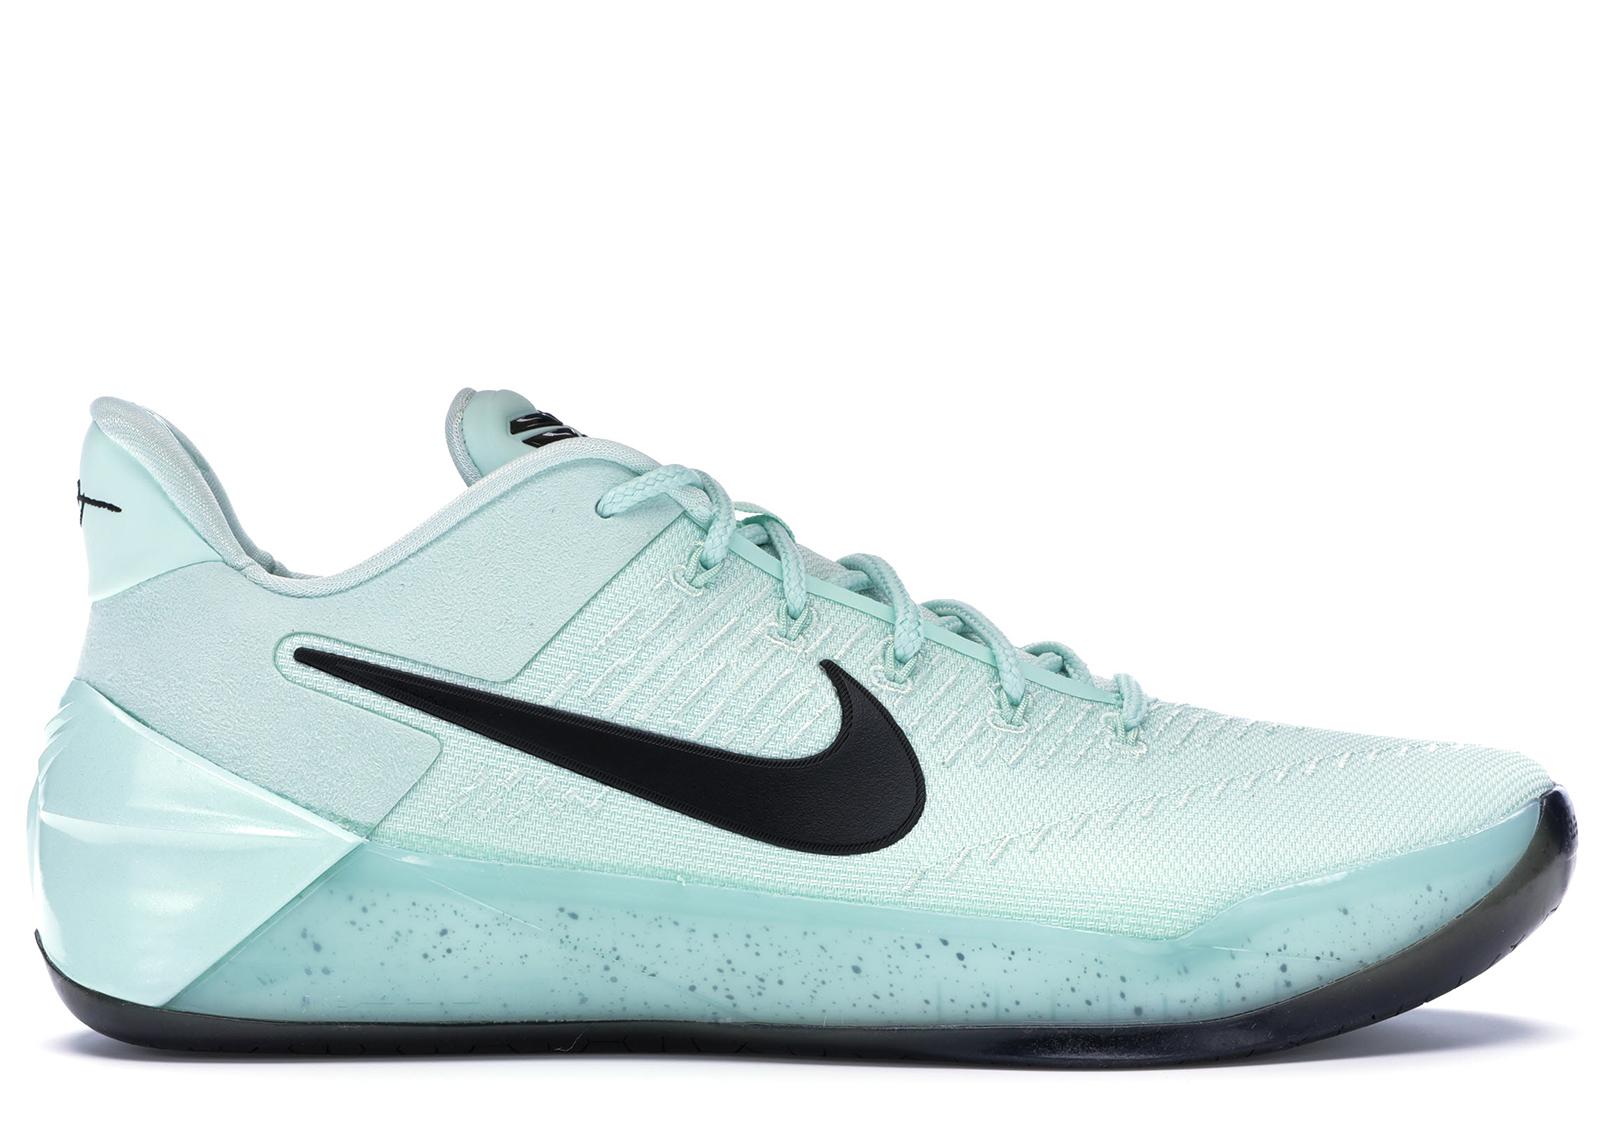 Nike Kobe A.D. Igloo - 852425-300